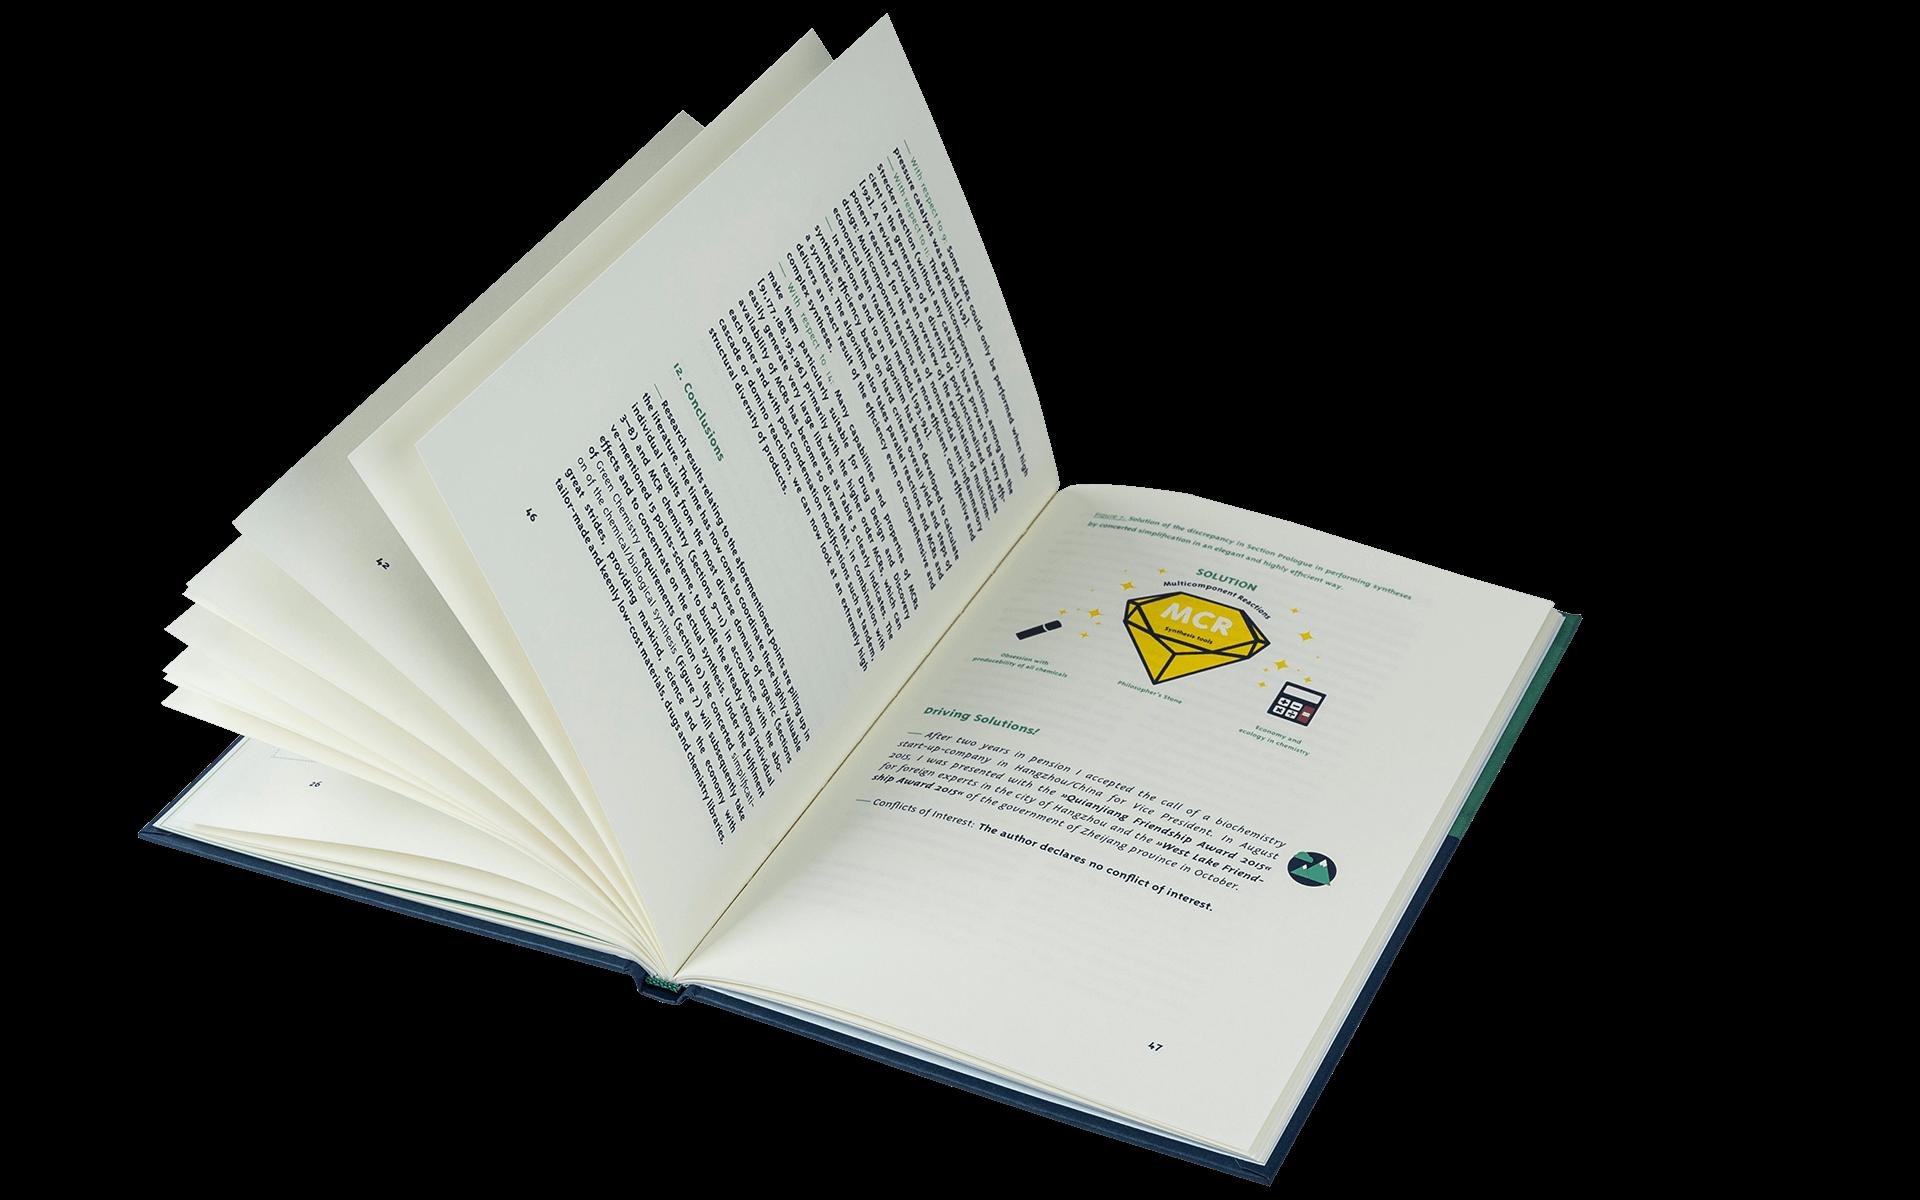 Denken Handeln Buchgestaltung Cover Innensatz Layout Infografik Fine Heininger Wolff Verlag Heiner Eckert Grafik Design Gestaltung